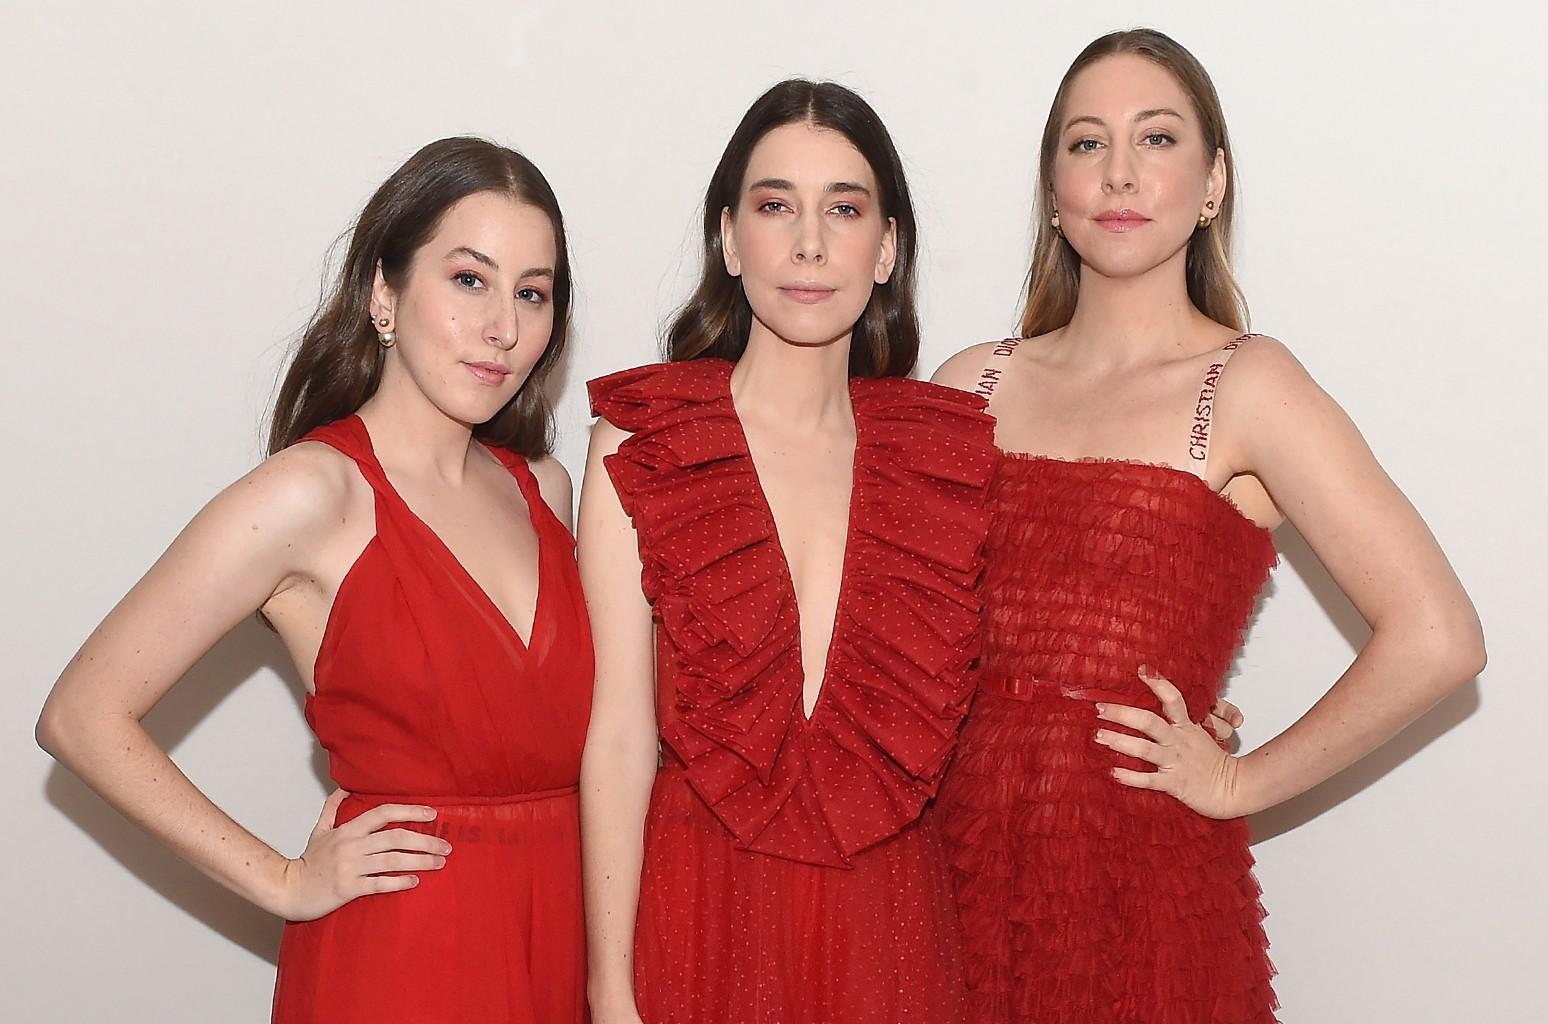 Alana Haim, Danielle Haim and Este Haim